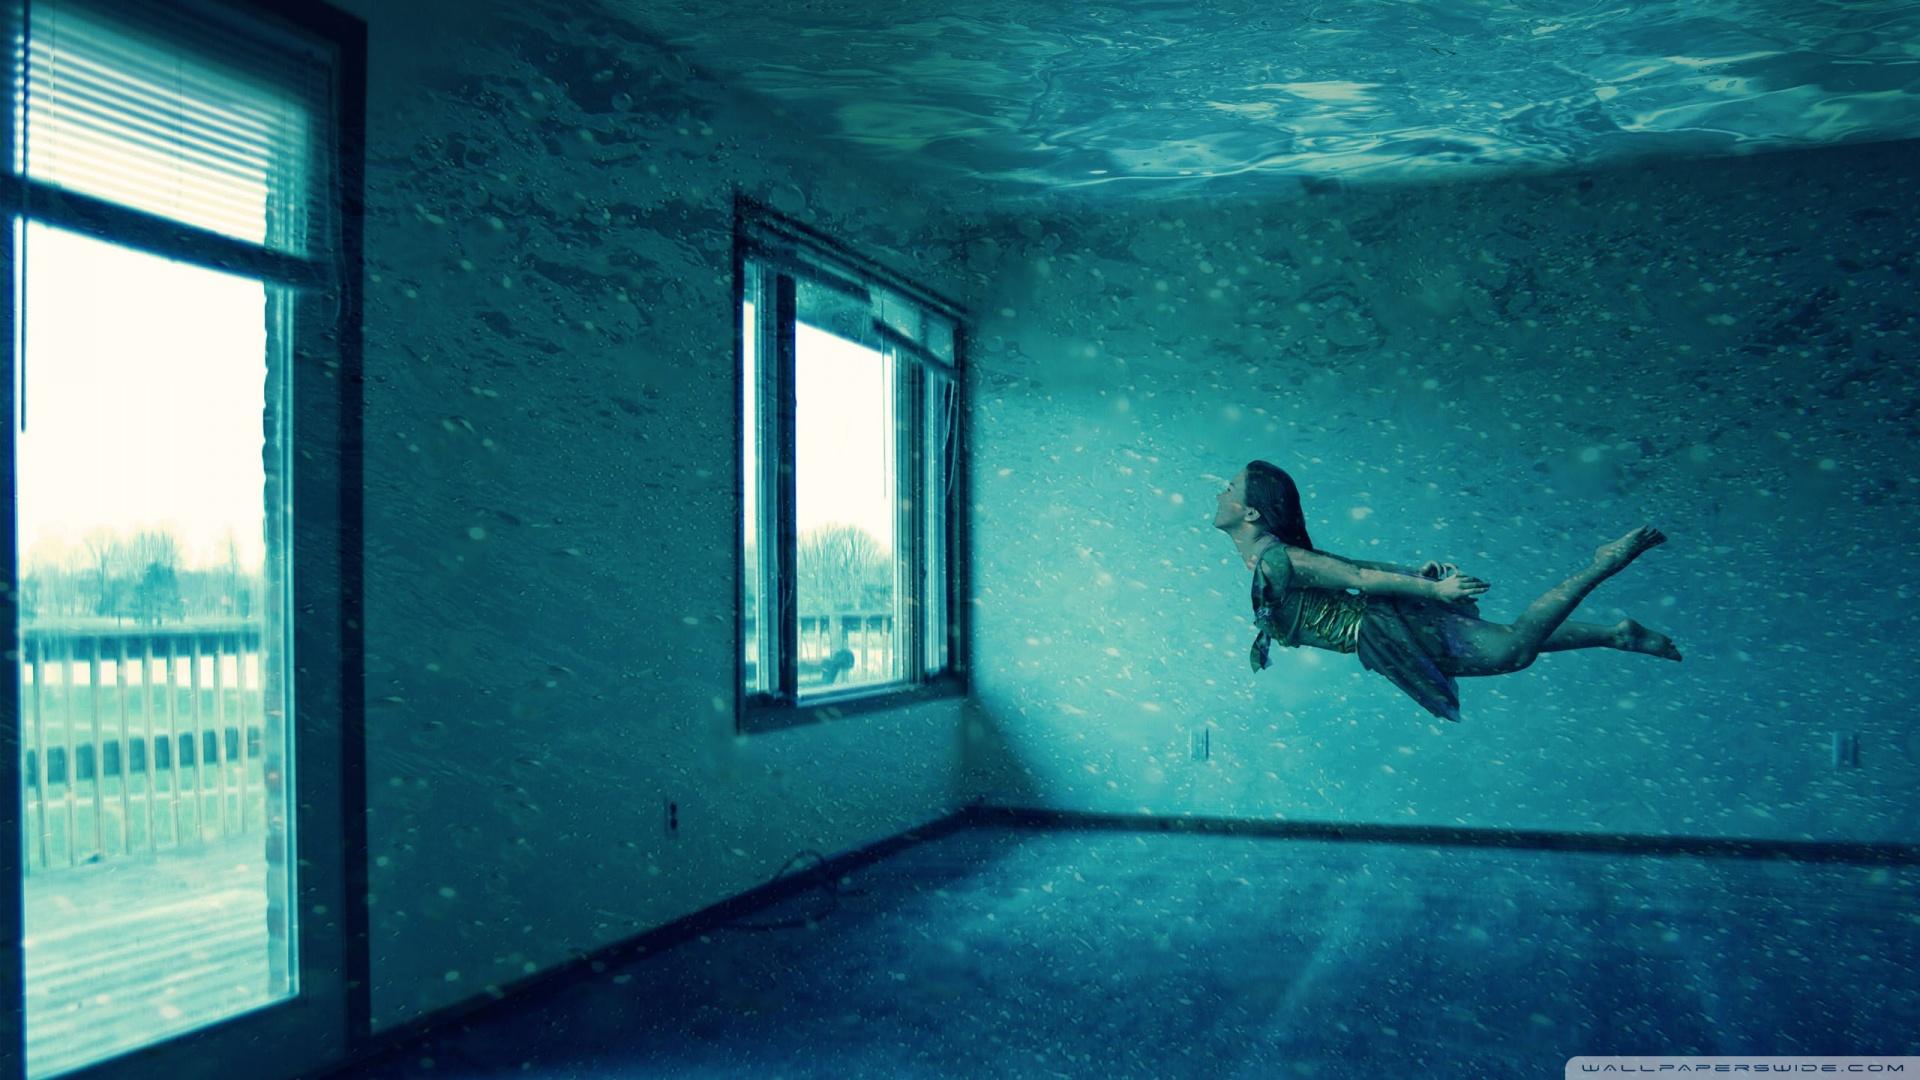 Underwater Room Wallpaper 1920x1080 Underwater Room 1920x1080